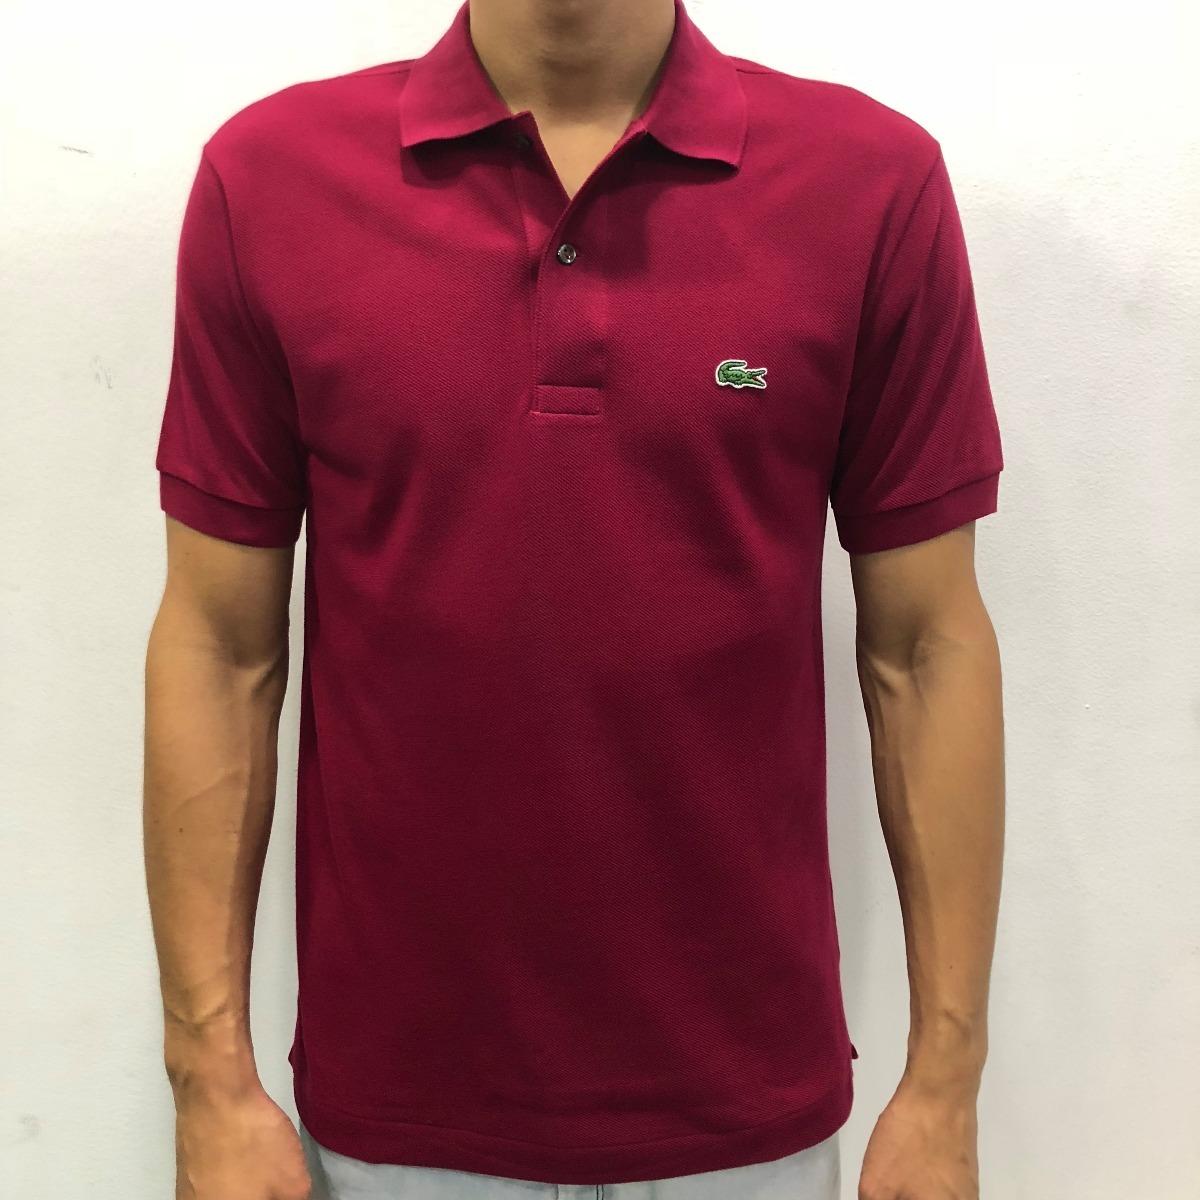 Camisa Polo Lacoste Lisa Vinho Cod.039 - R  279,00 em Mercado Livre 0b1cb0e9ce